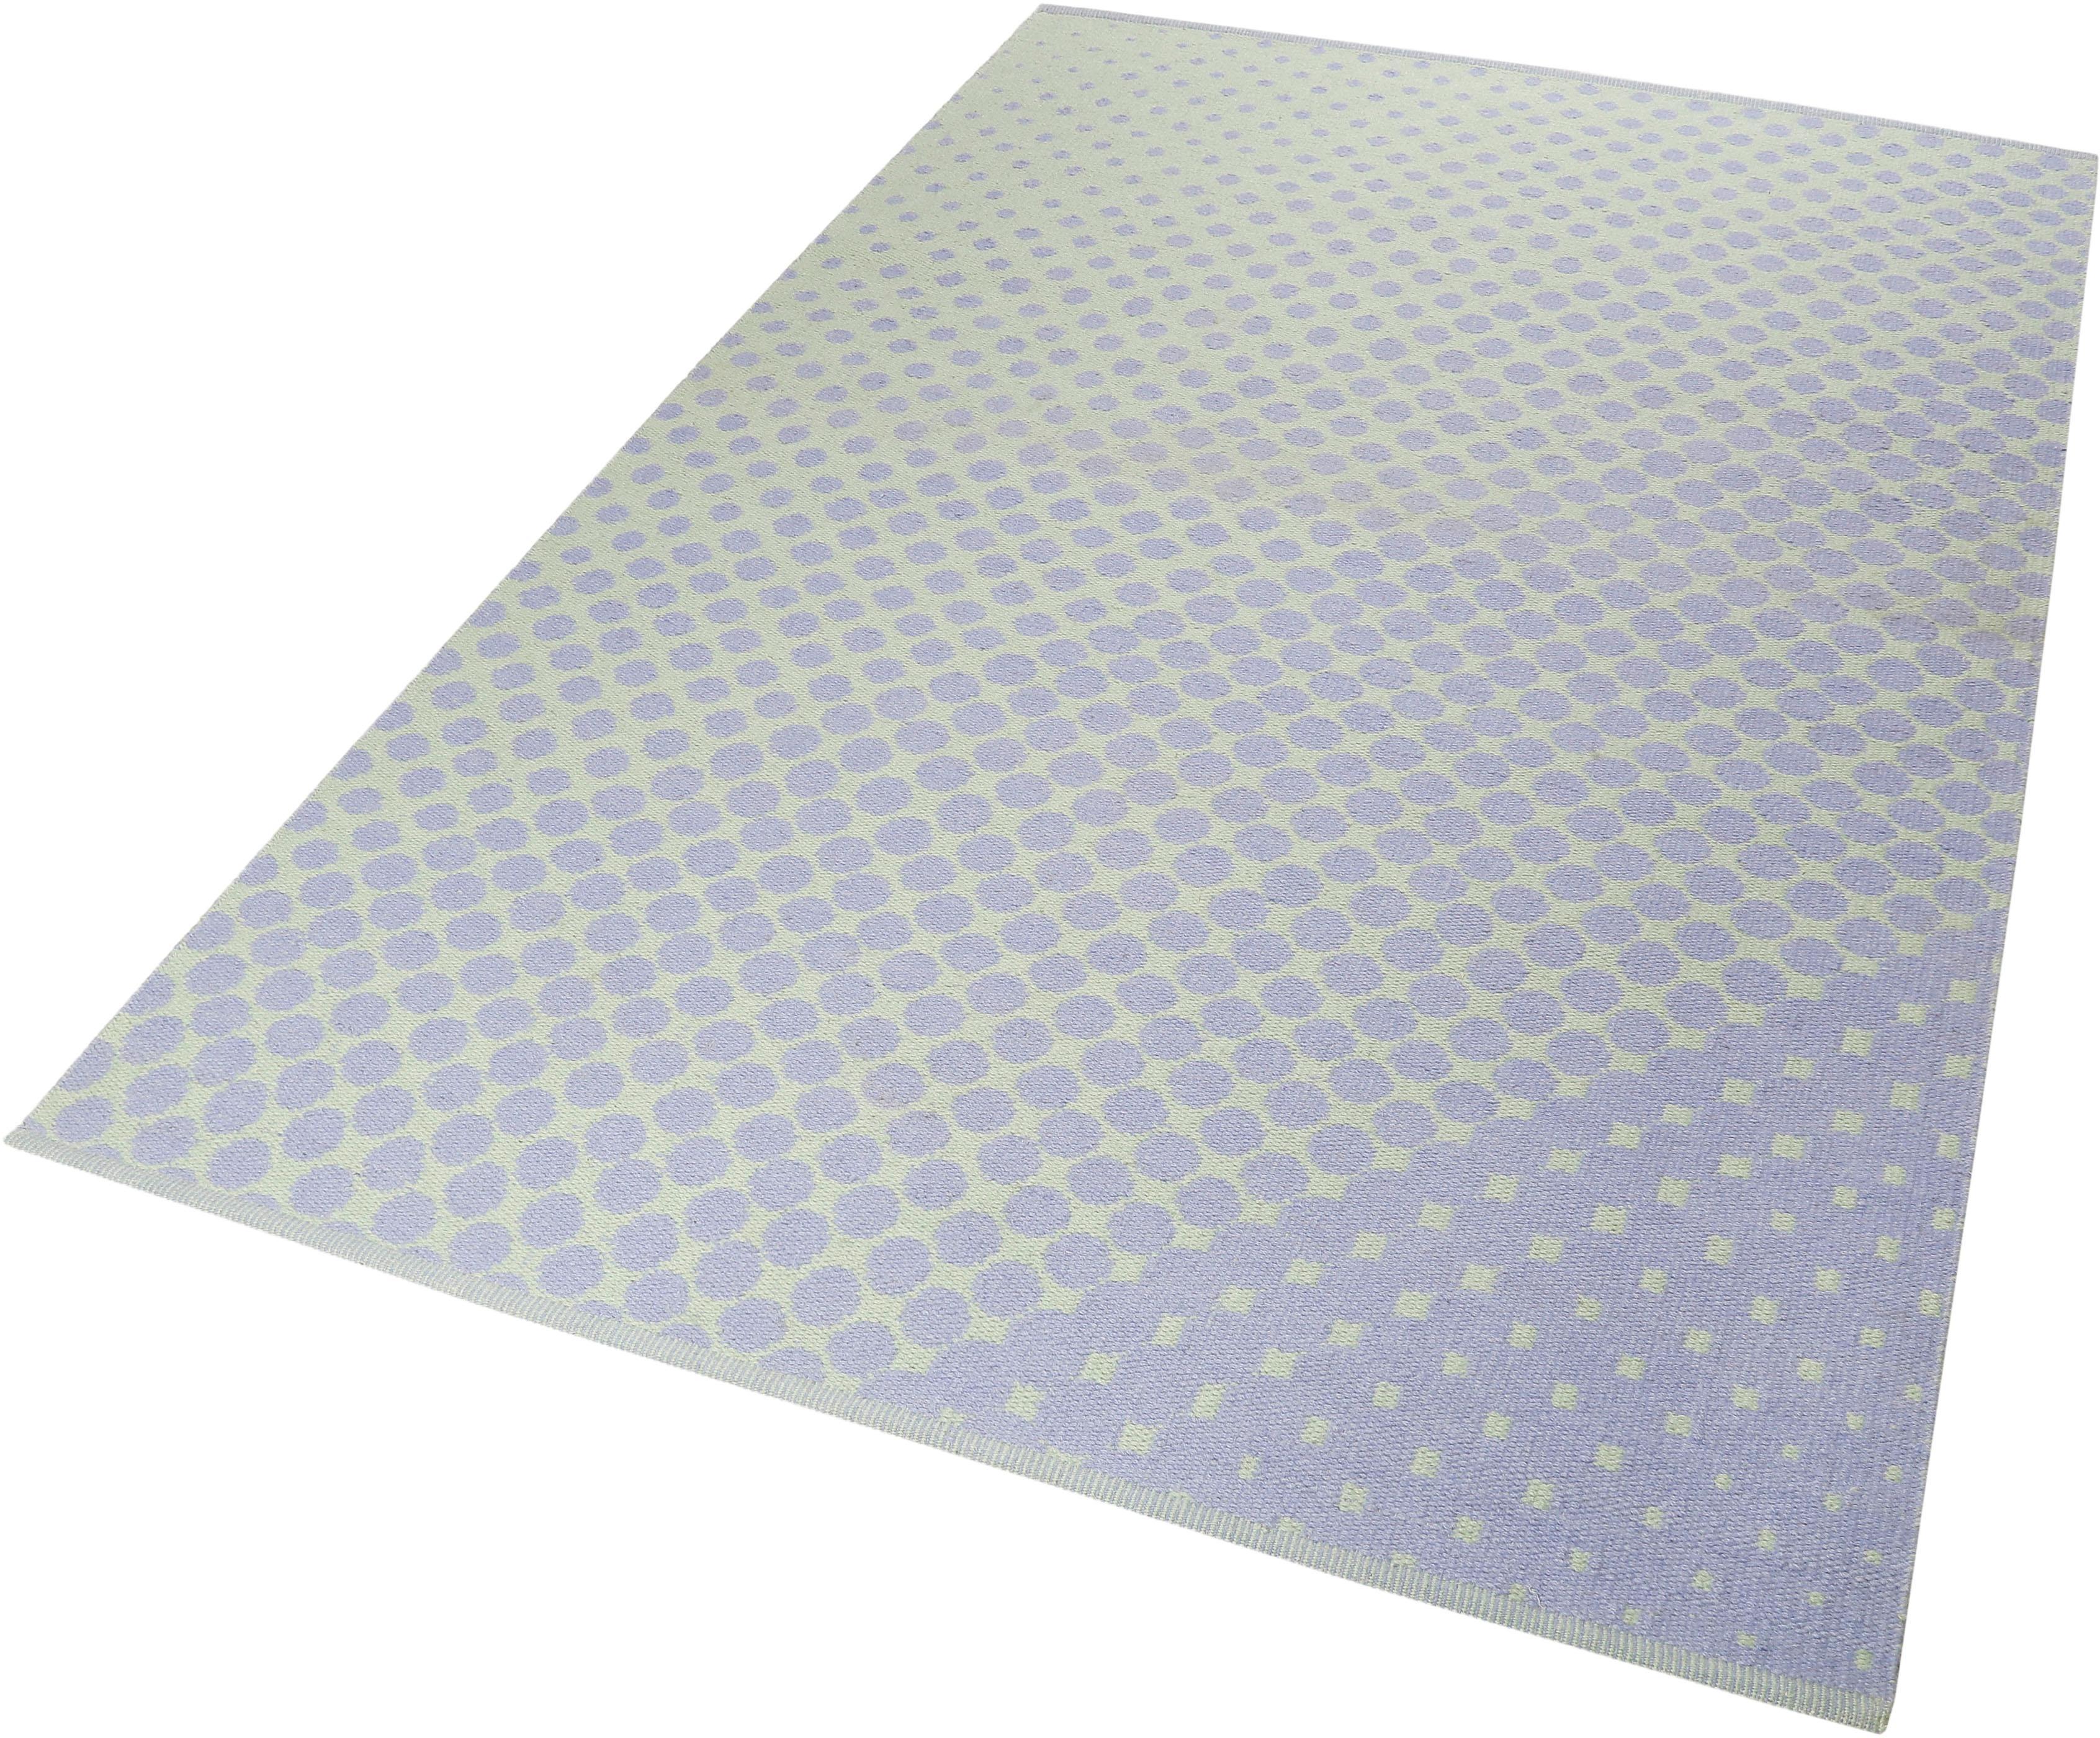 Teppich VEL Kelim Esprit rechteckig Höhe 4 mm handgewebt